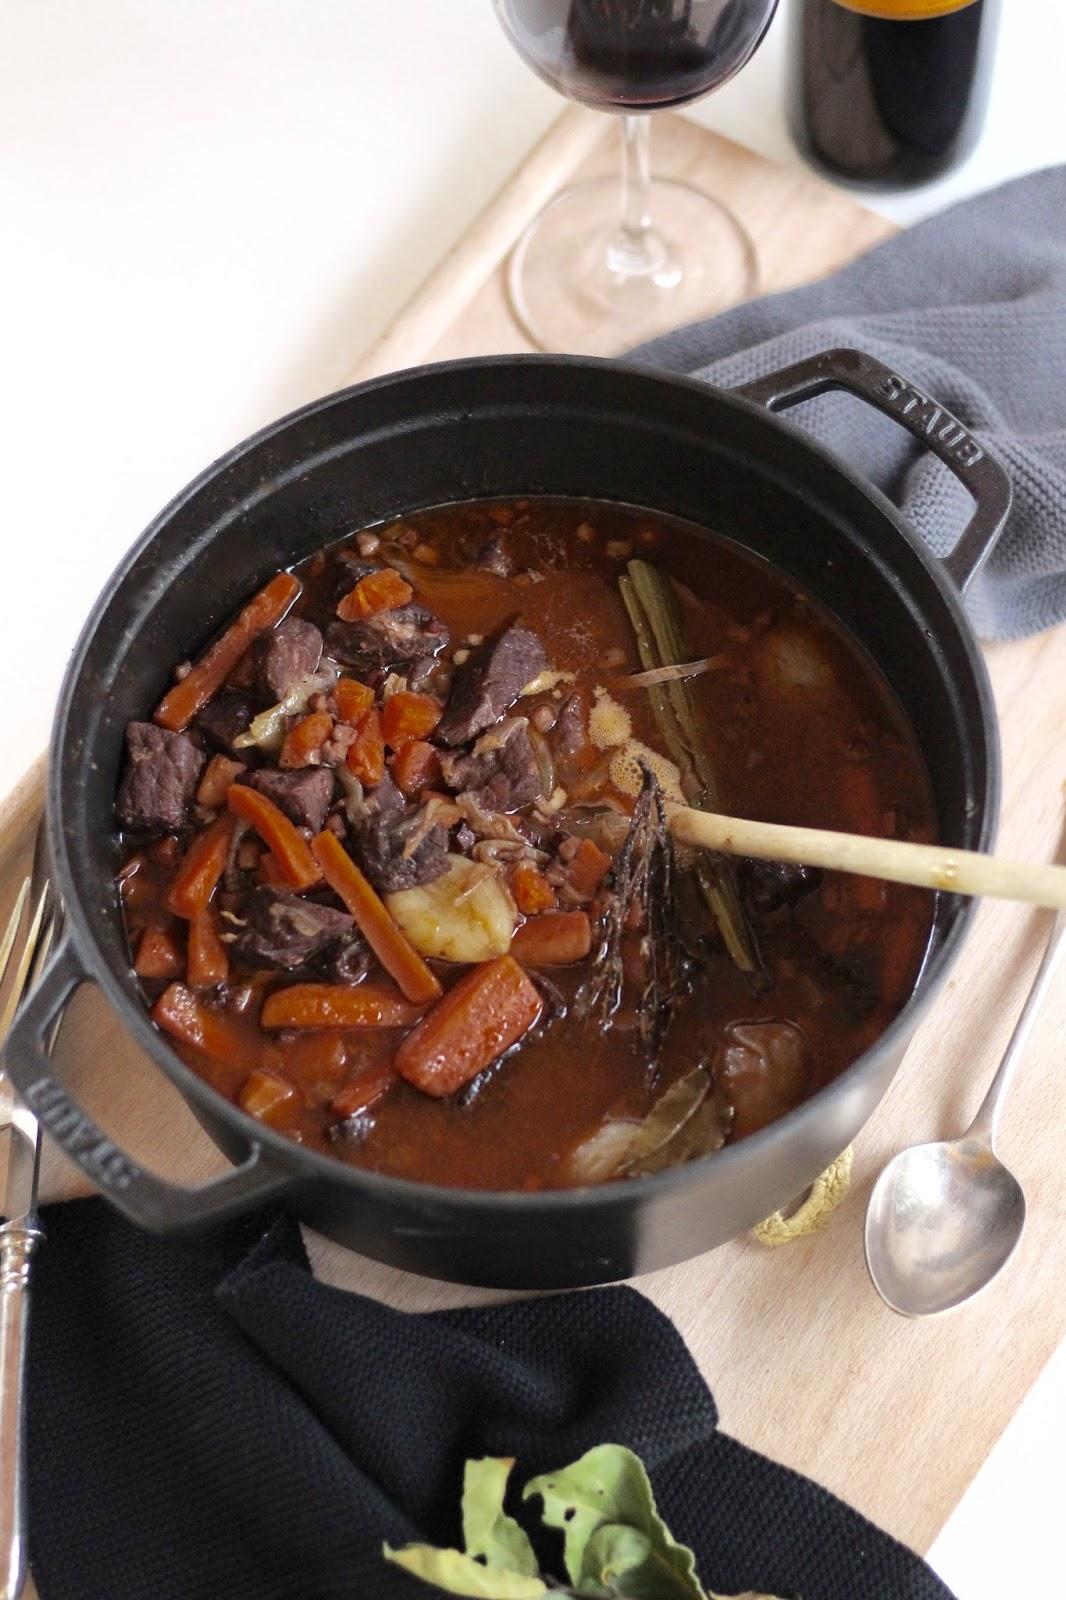 Boeuf Bourguignon - das Rezept für einen köstlichen Rinderschmortopf auf französische Art